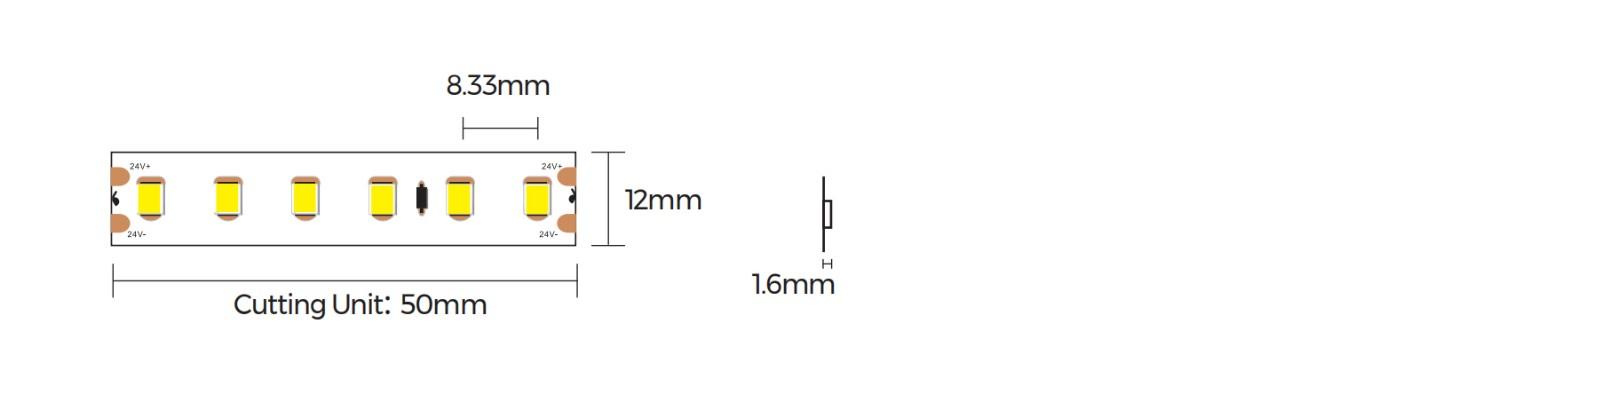 DS8120-24V-12mm